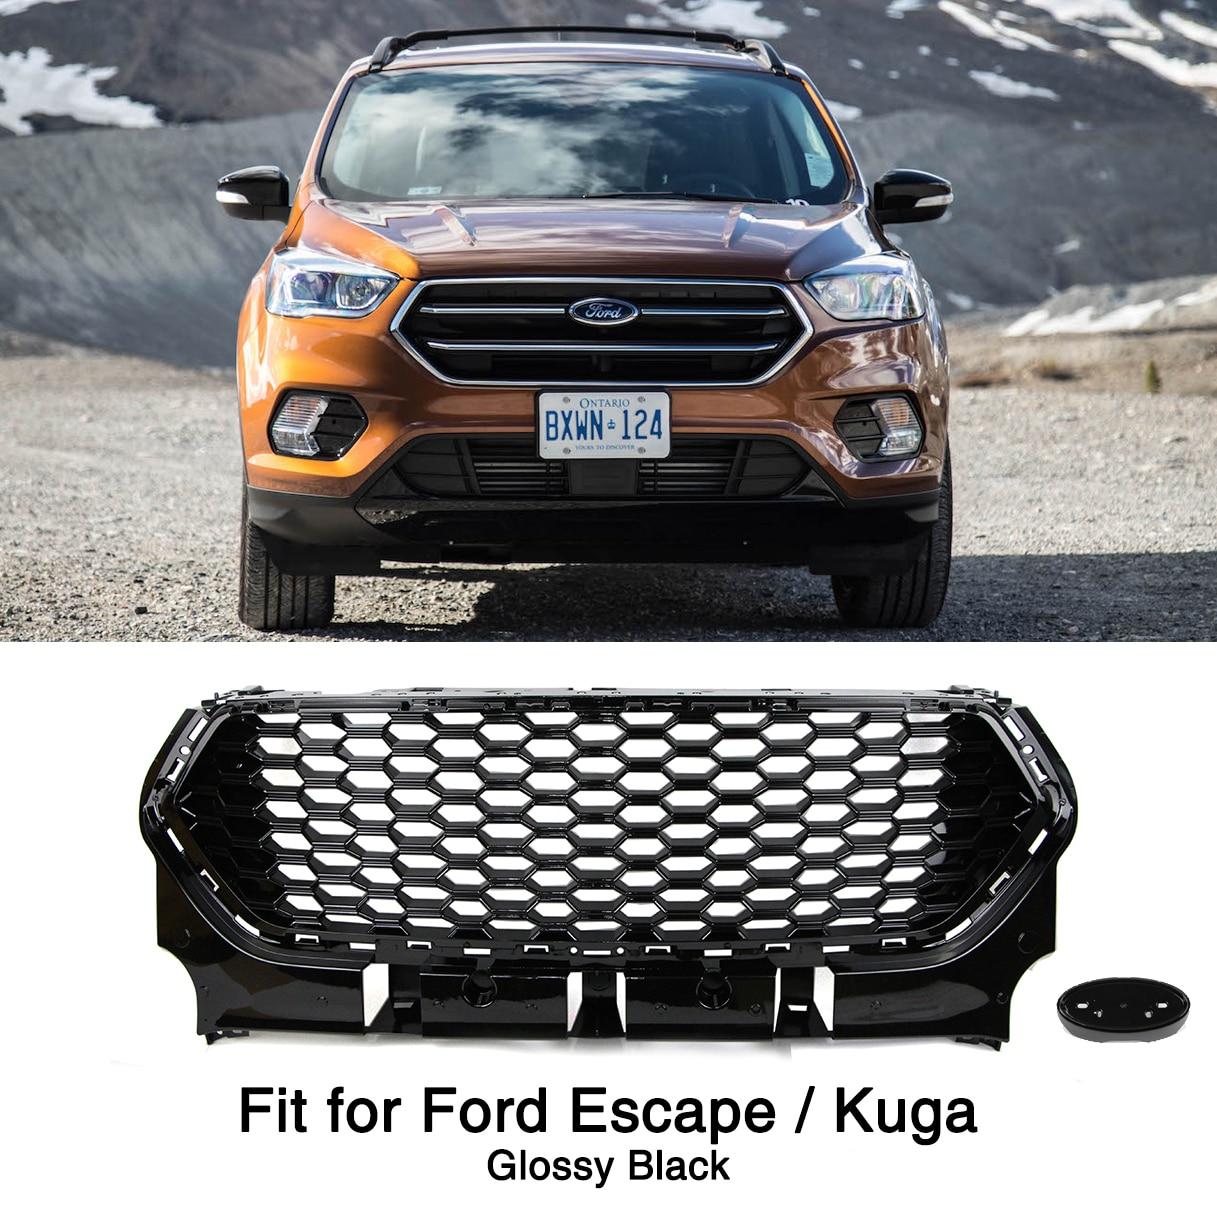 Rejilla de parachoques frontal negro brillante para Ford Escape Kuga 2017 2018 2019 Parrilla de malla de nido de abeja